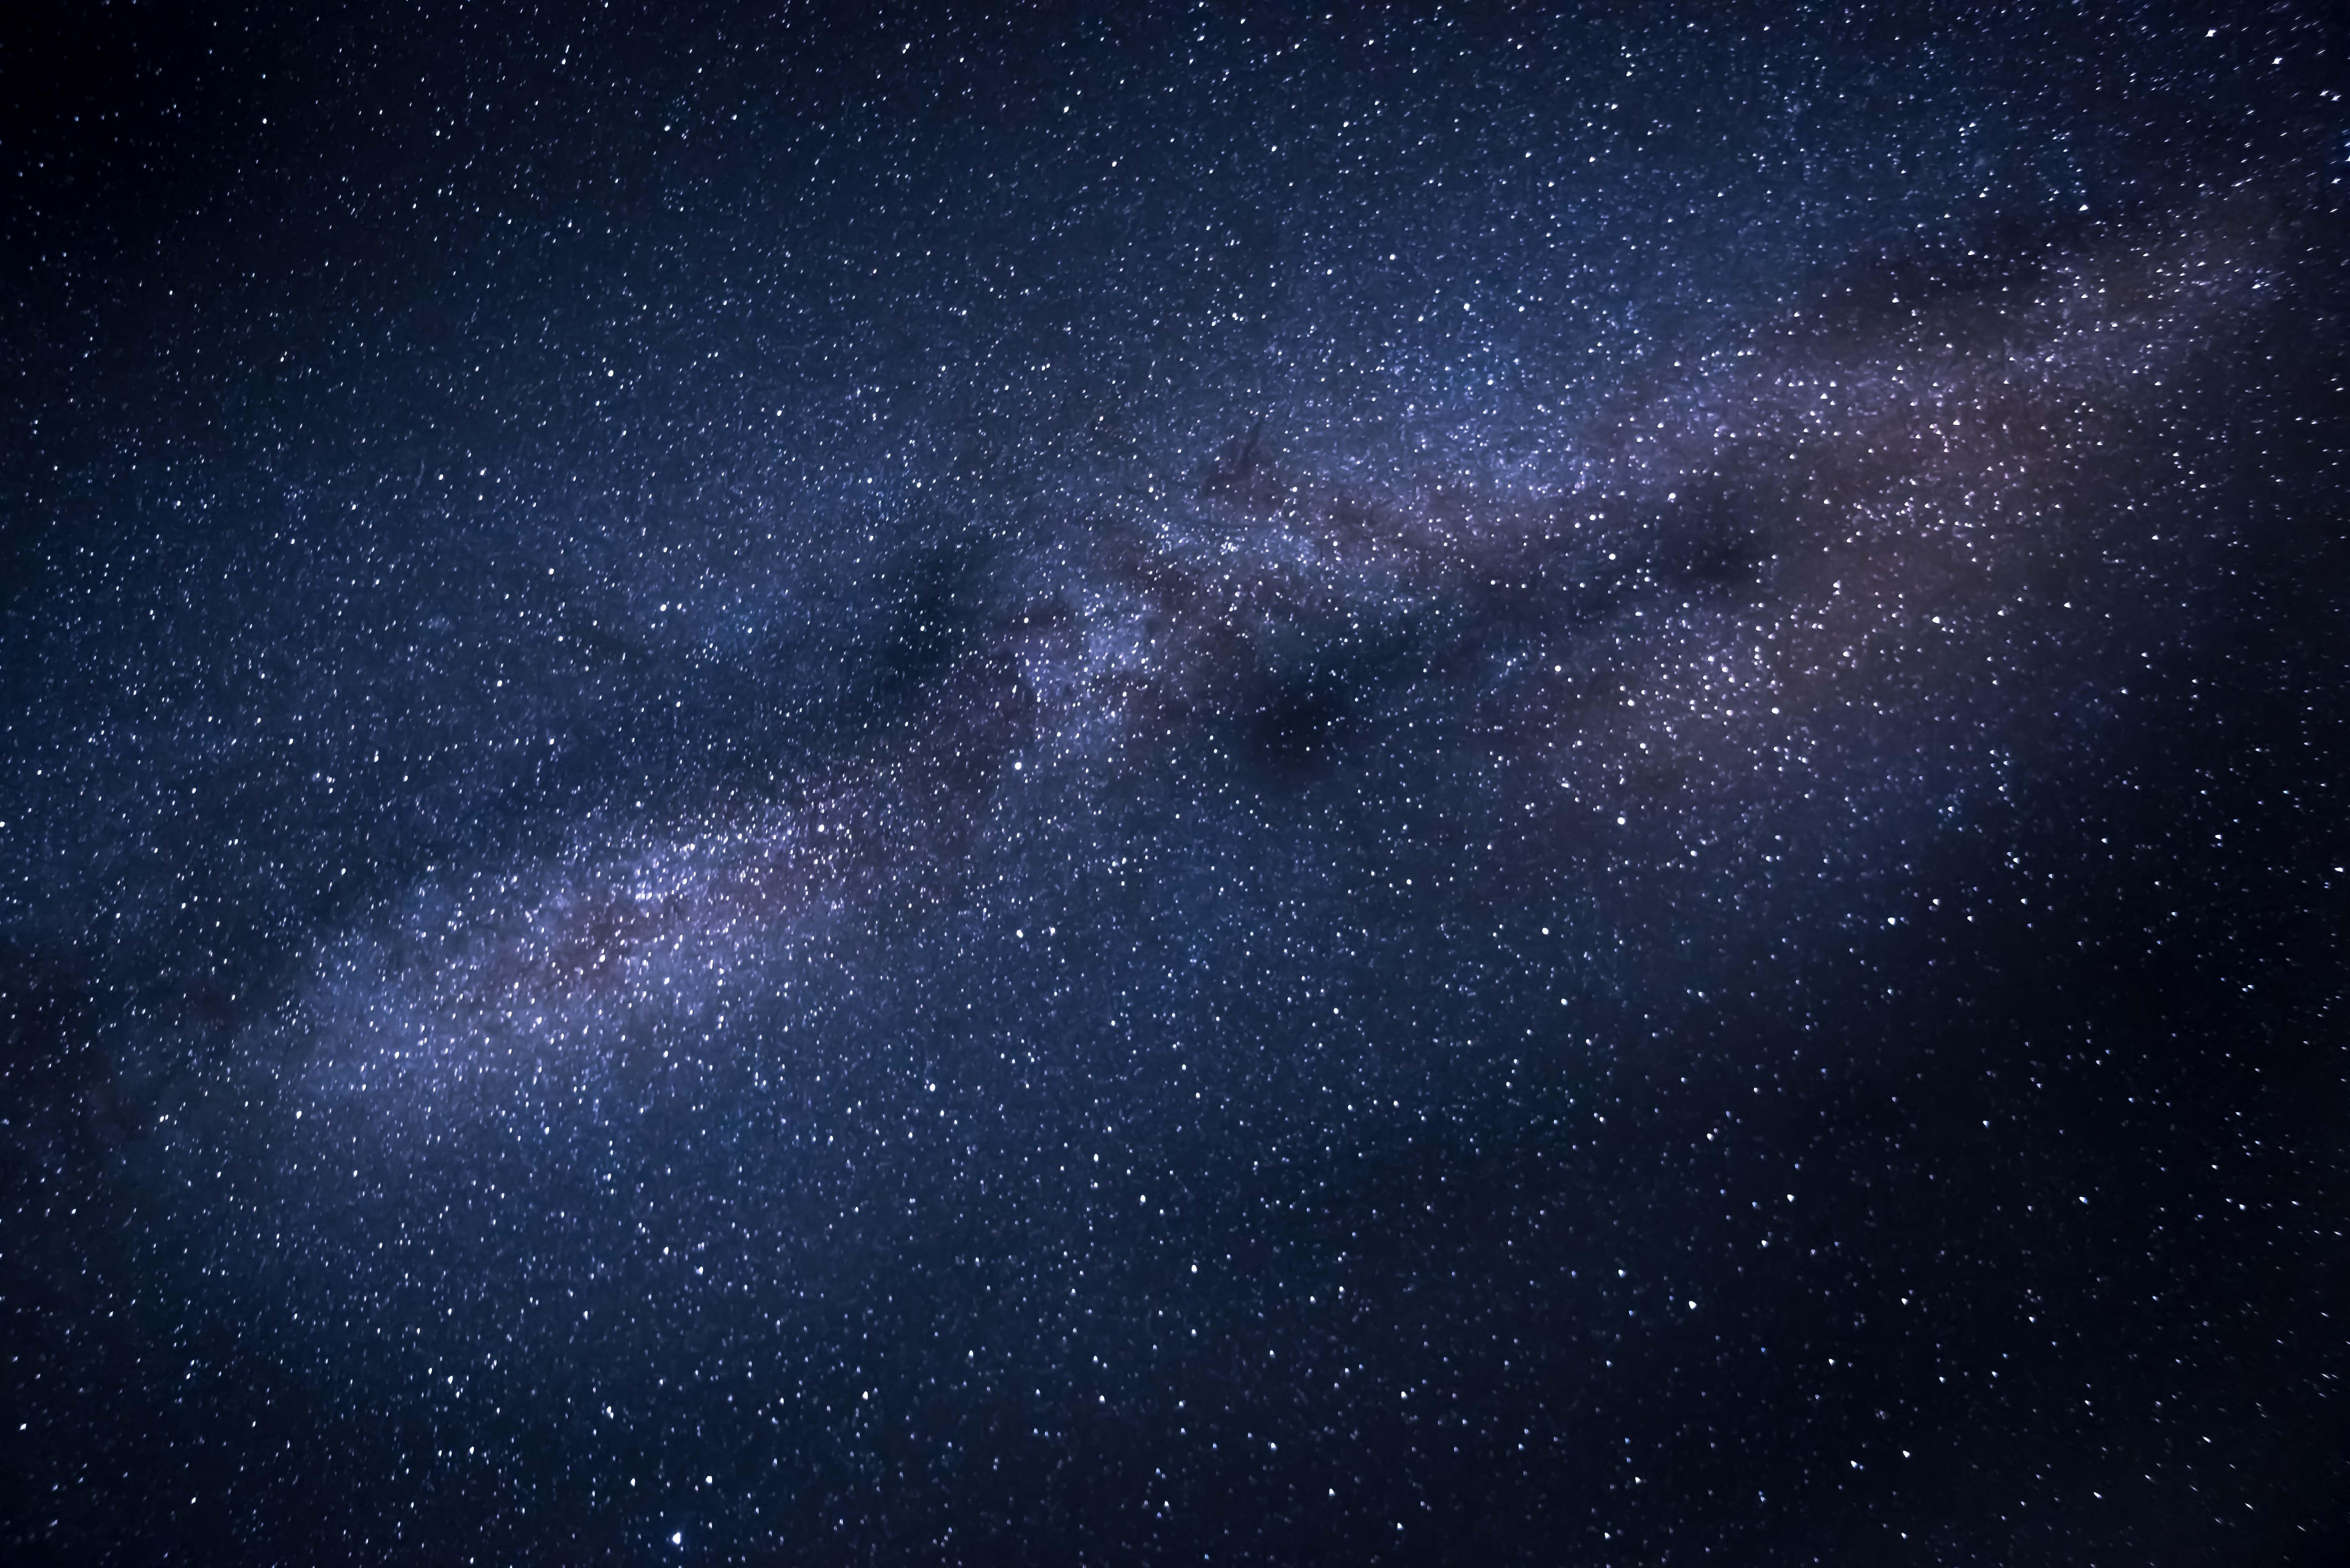 宇宙之謎──負質量